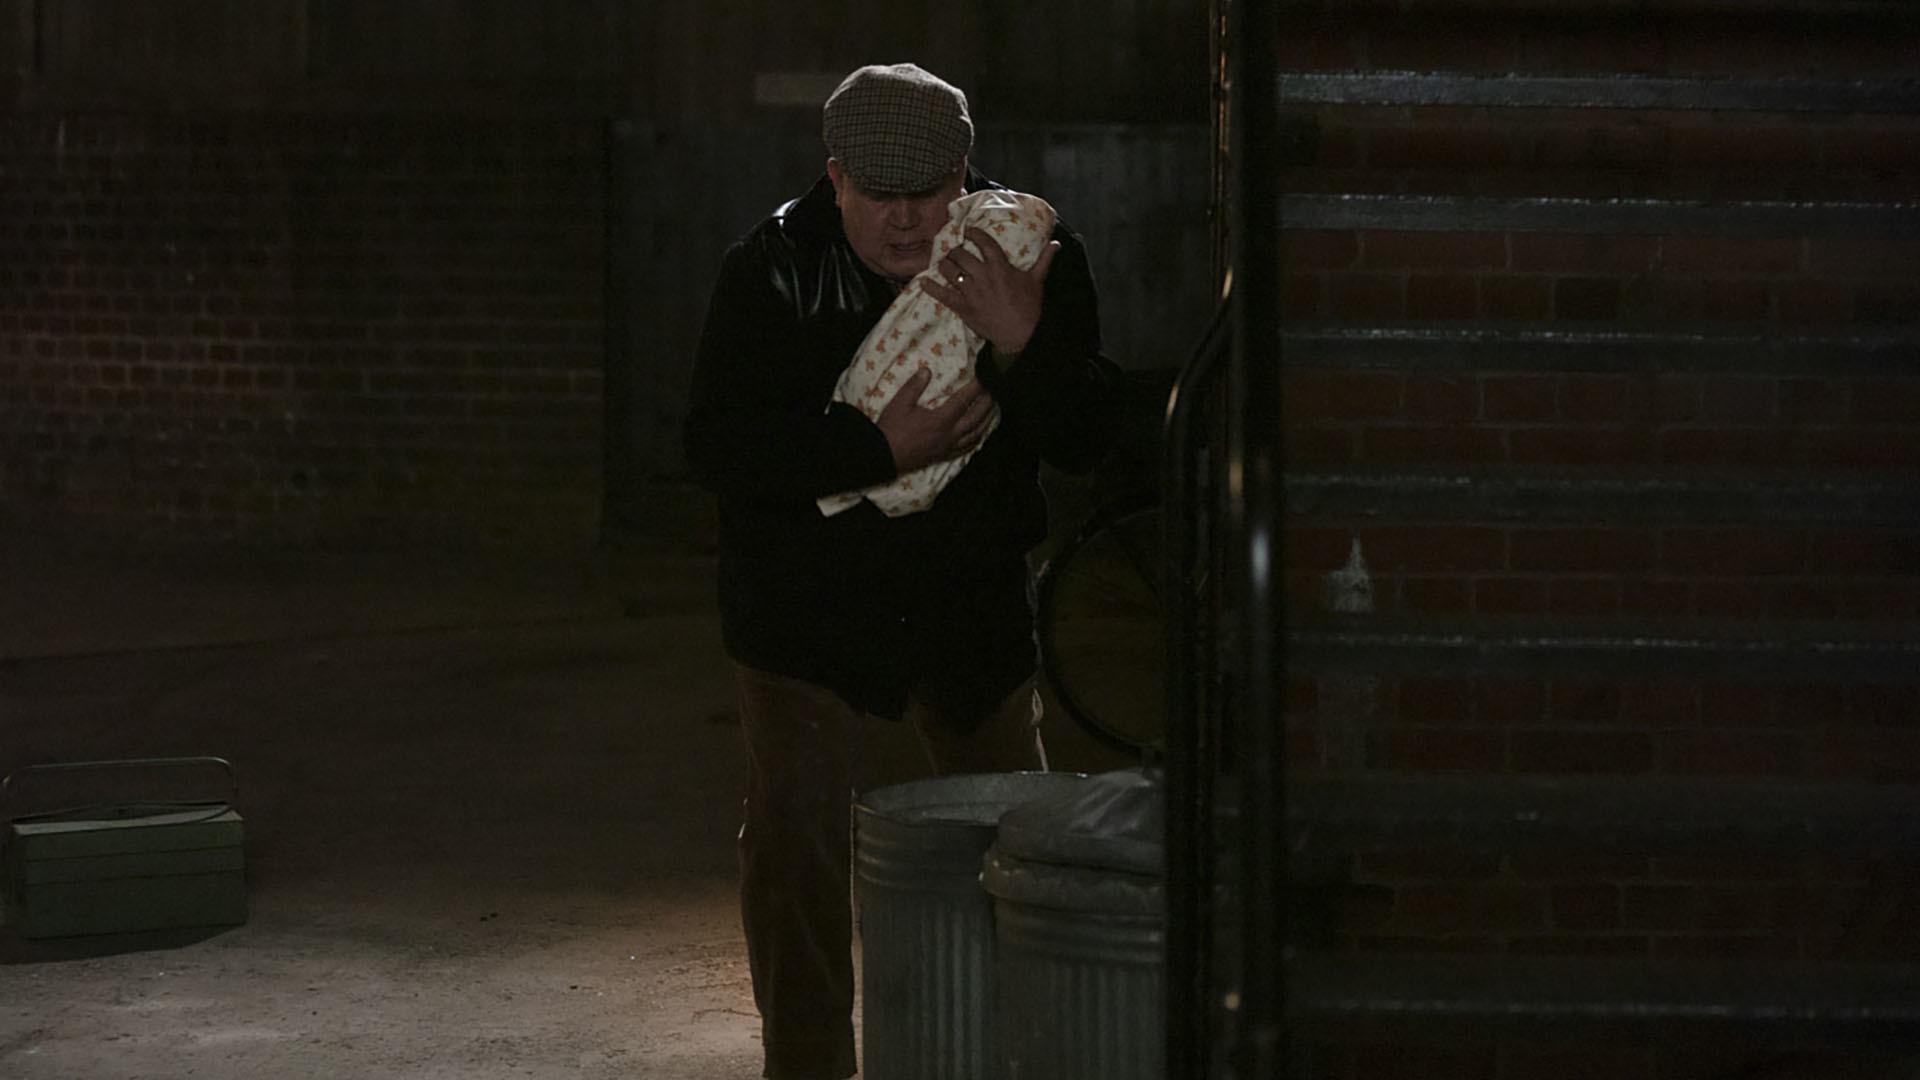 Call the Midwife Season 9, Episode 1 GIF Recap